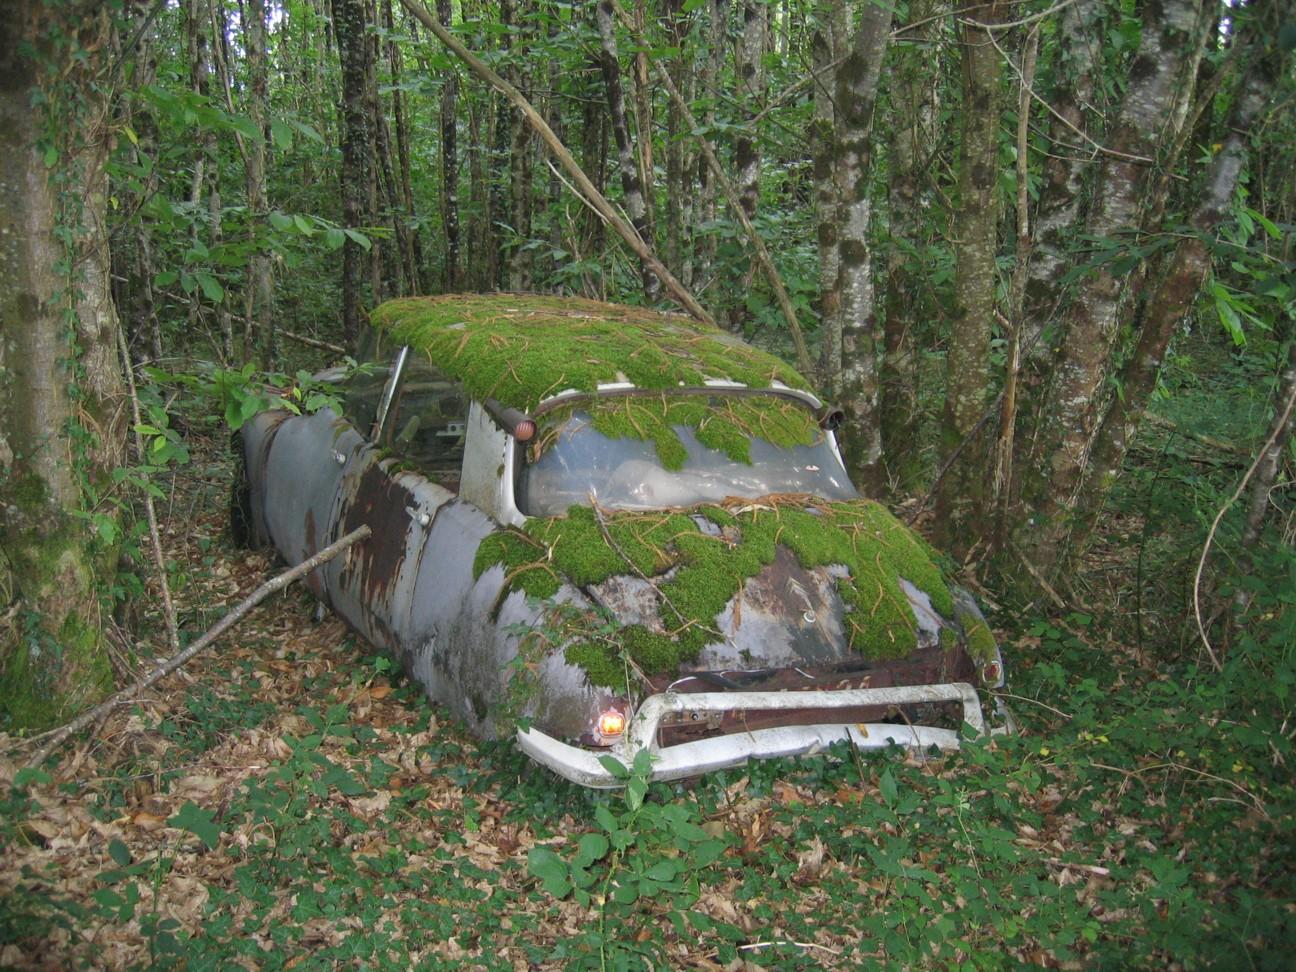 Ein alter Citroen steht schon halb vermodert in einem Wald in Périgord, mit Moos und Rost schon überdeckt.